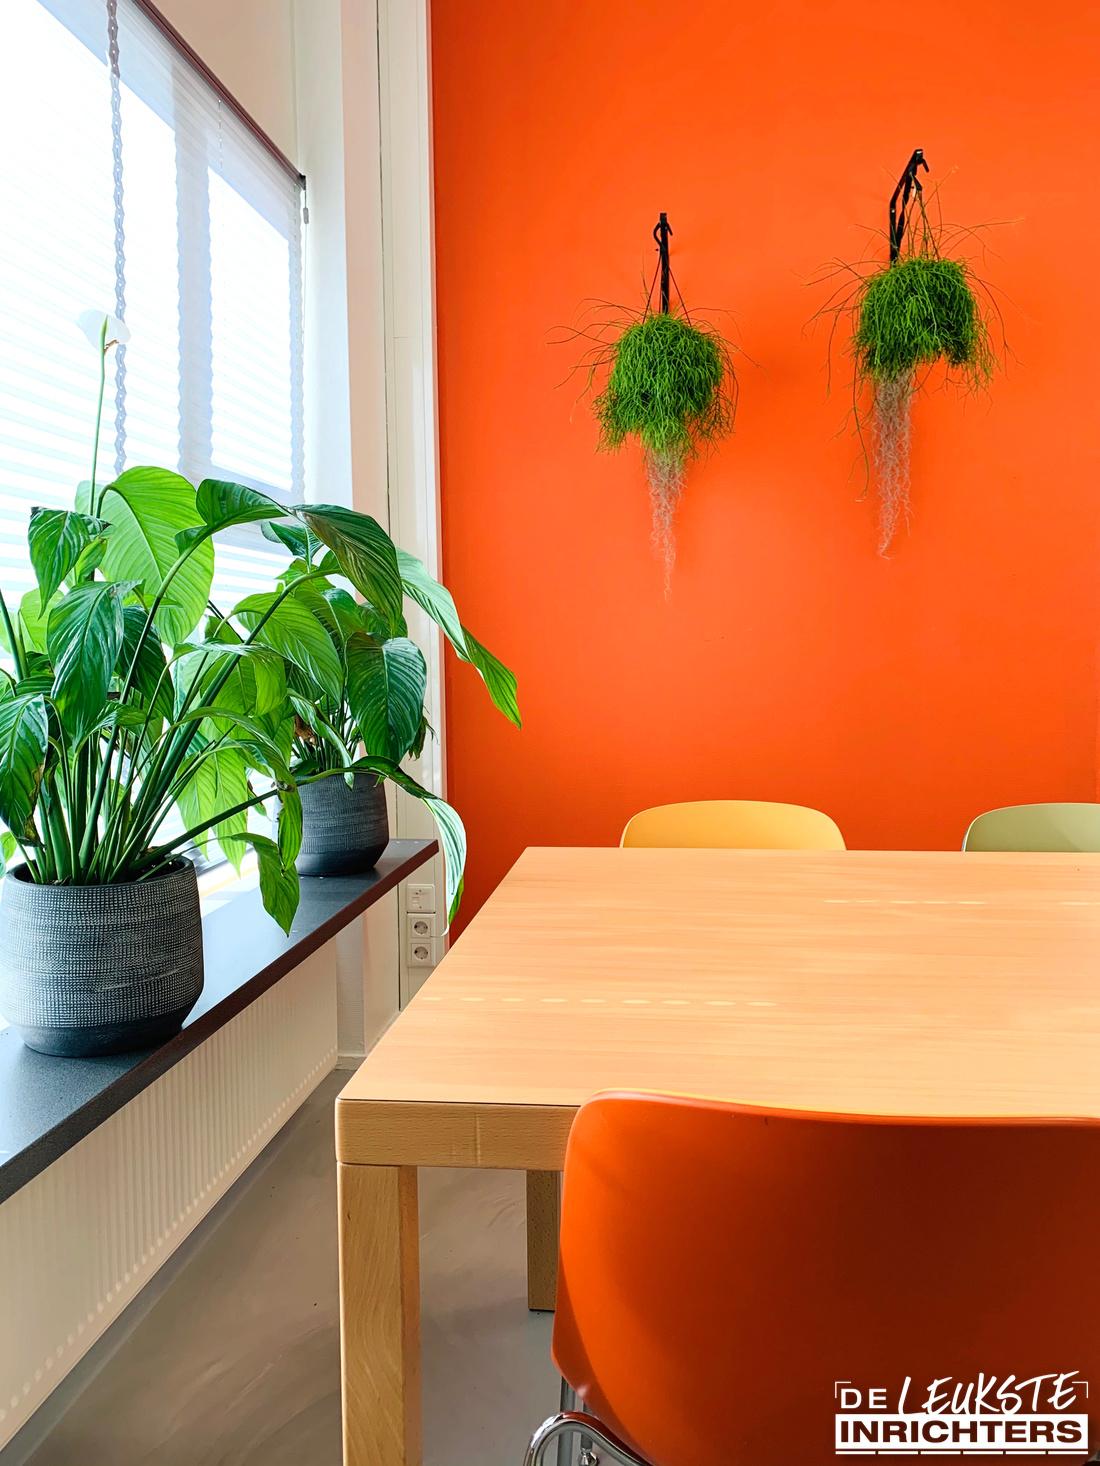 Ontwerp personeelskamer en vergaderruimte inrichting De Musketier planten